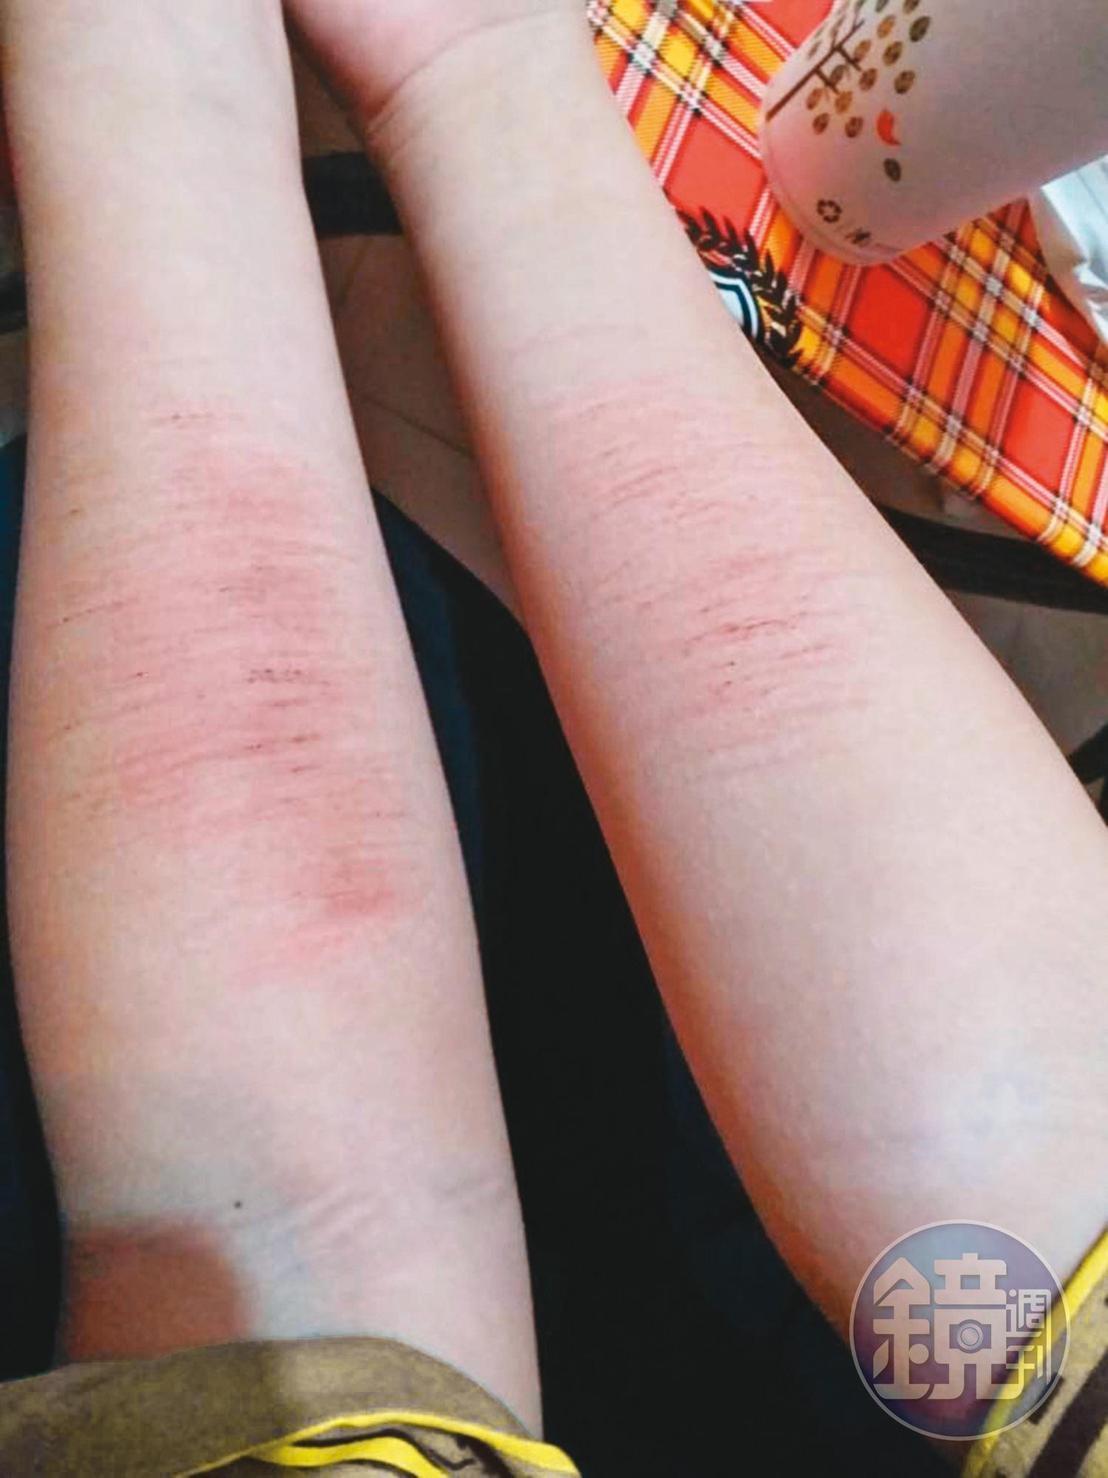 罹患憂鬱症的庭庭多次自殘,2隻手臂滿滿都是美工刀刻畫過的傷痕。(讀者提供)